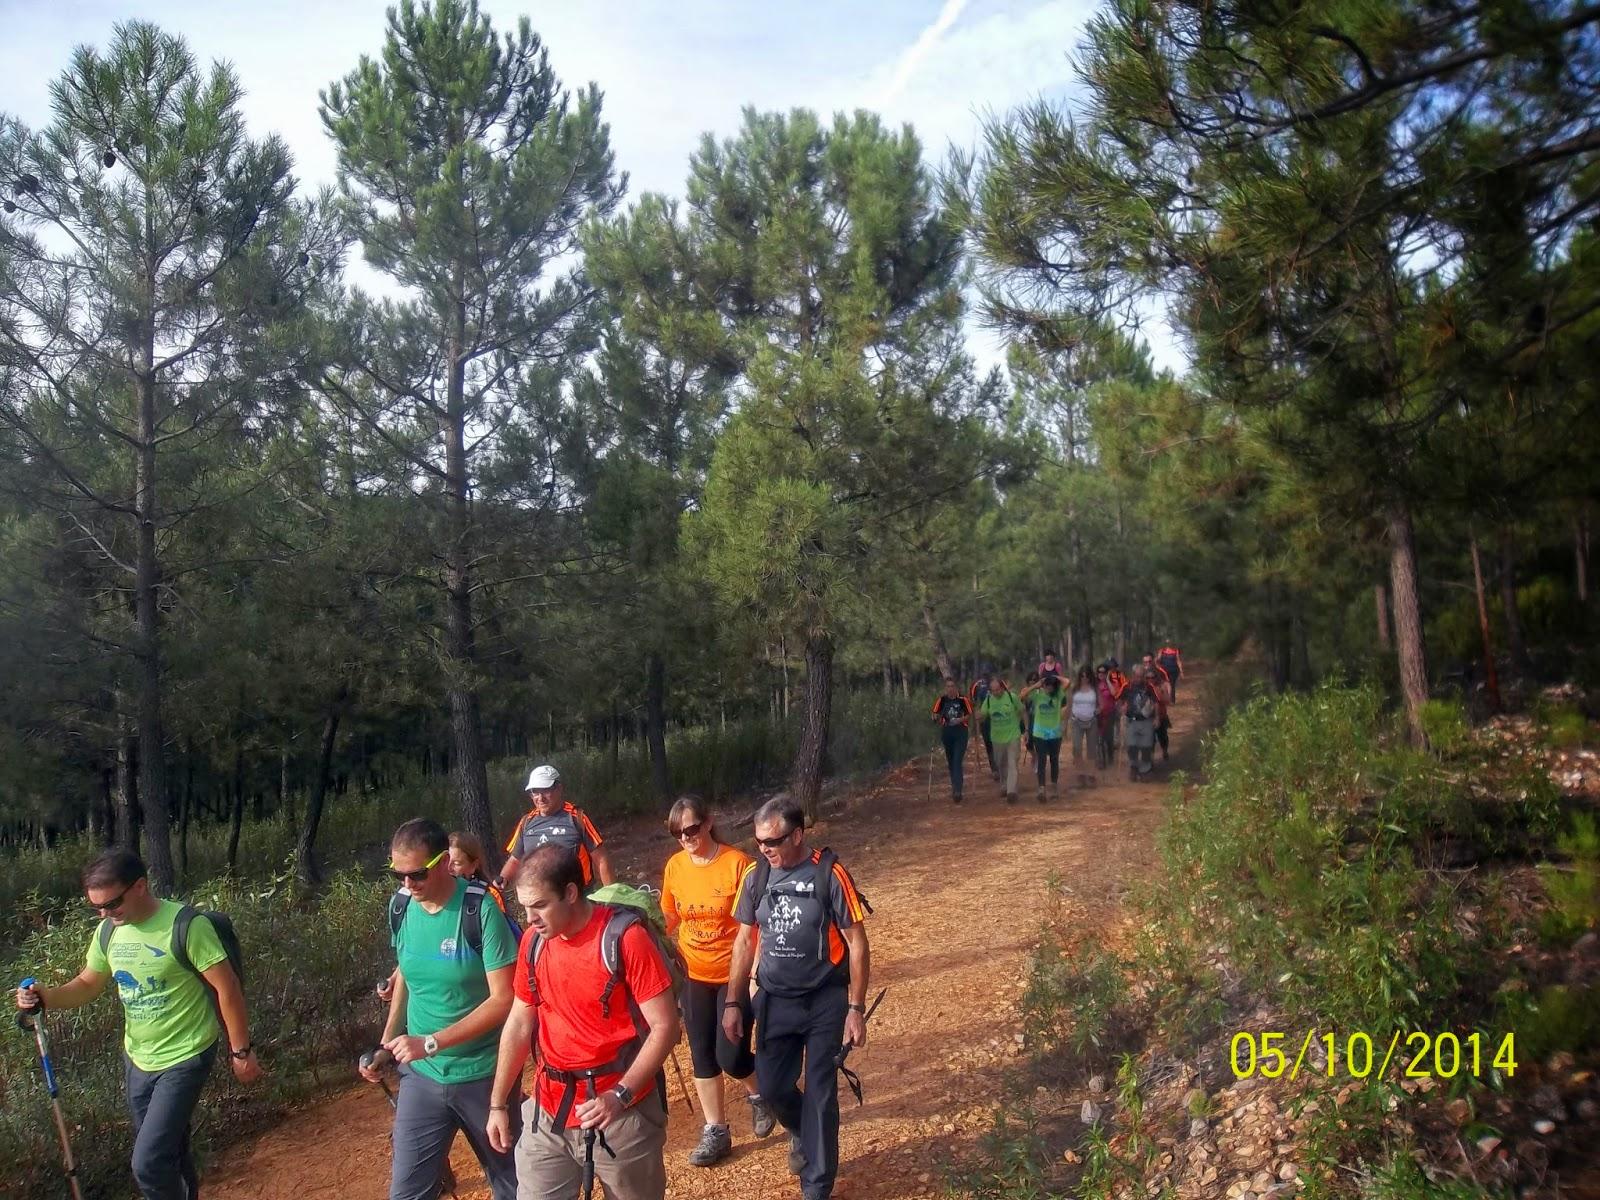 fotos de la ruta